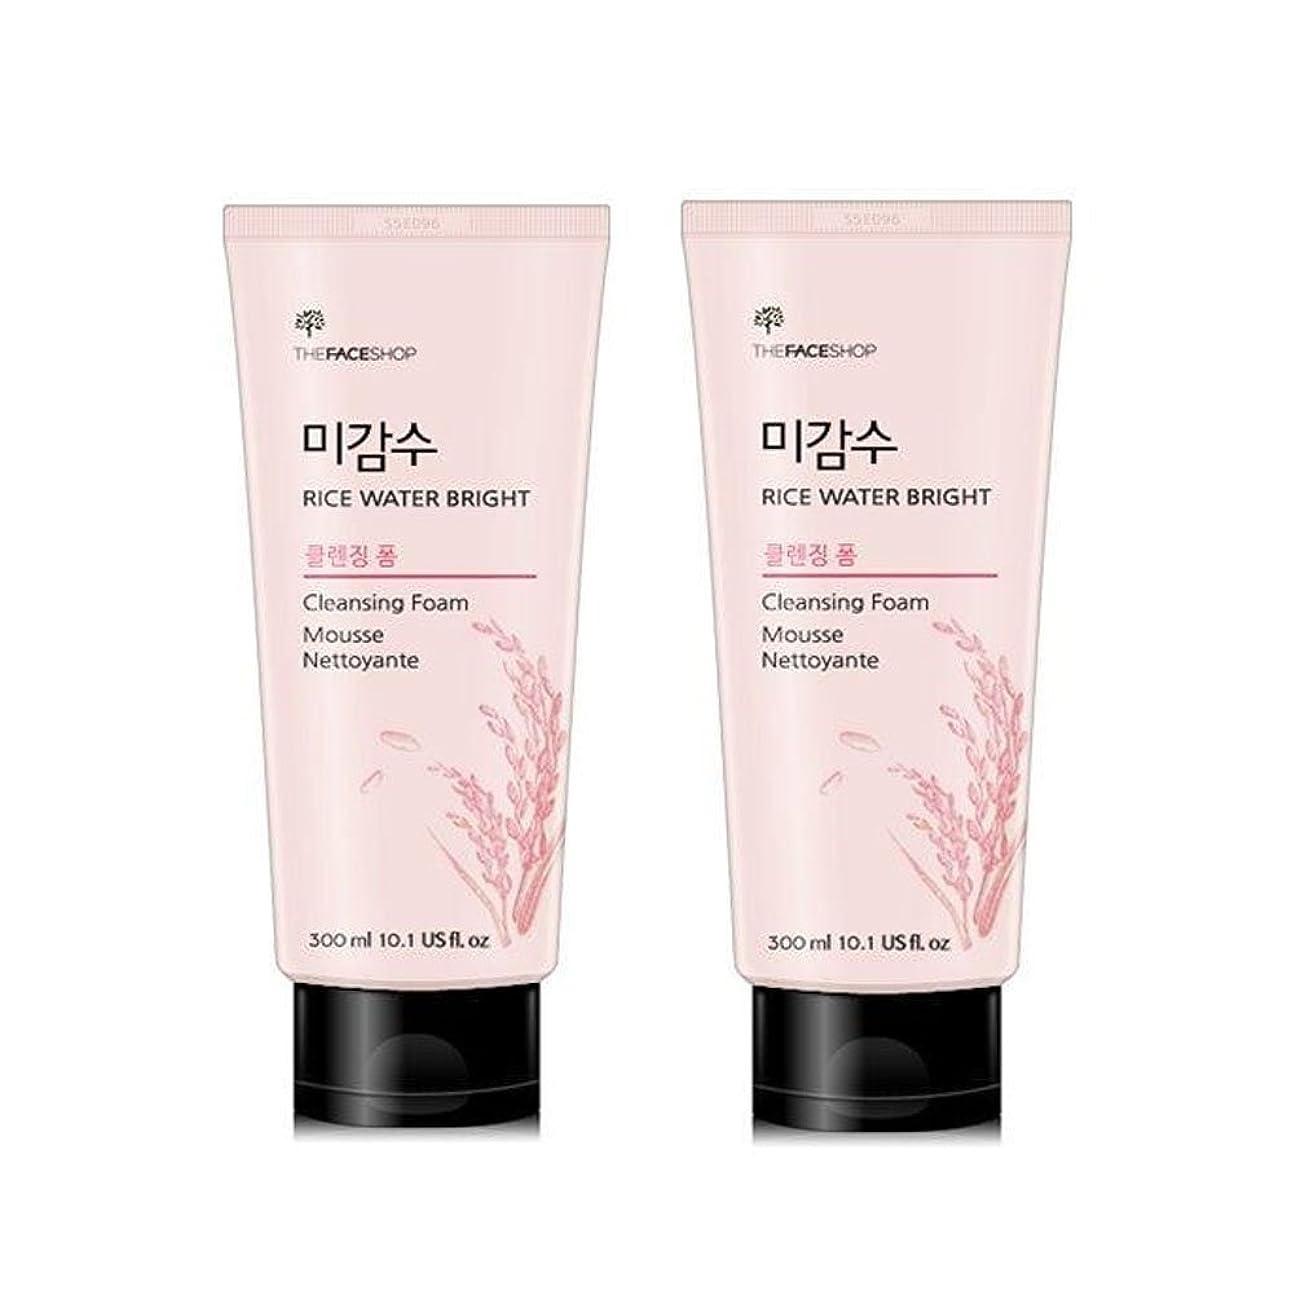 したい階下妖精ザ?フェイスショップ米感水ブライトクレンジングフォーム300ml x 2本セット韓国コスメ、The Face Shop Rice Water Bright Cleansing Foam 300ml x 2ea Set Korean Cosmetics [並行輸入品]